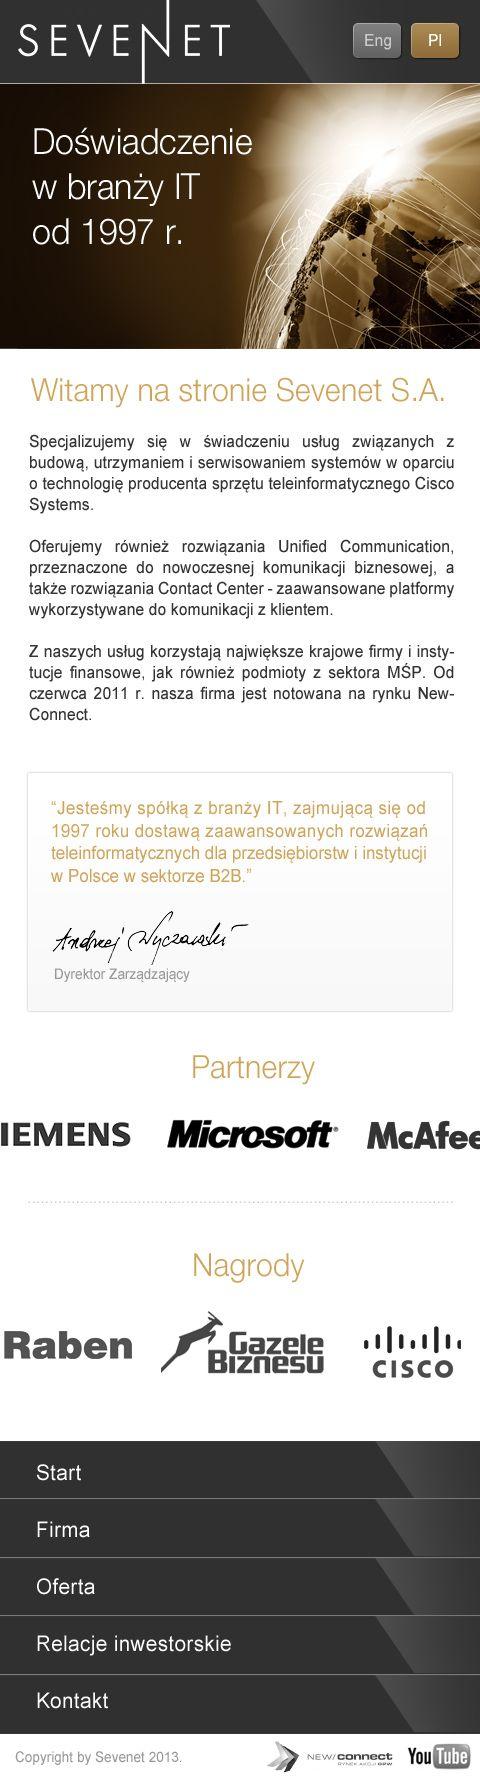 Responsive Web Design for Sevenet